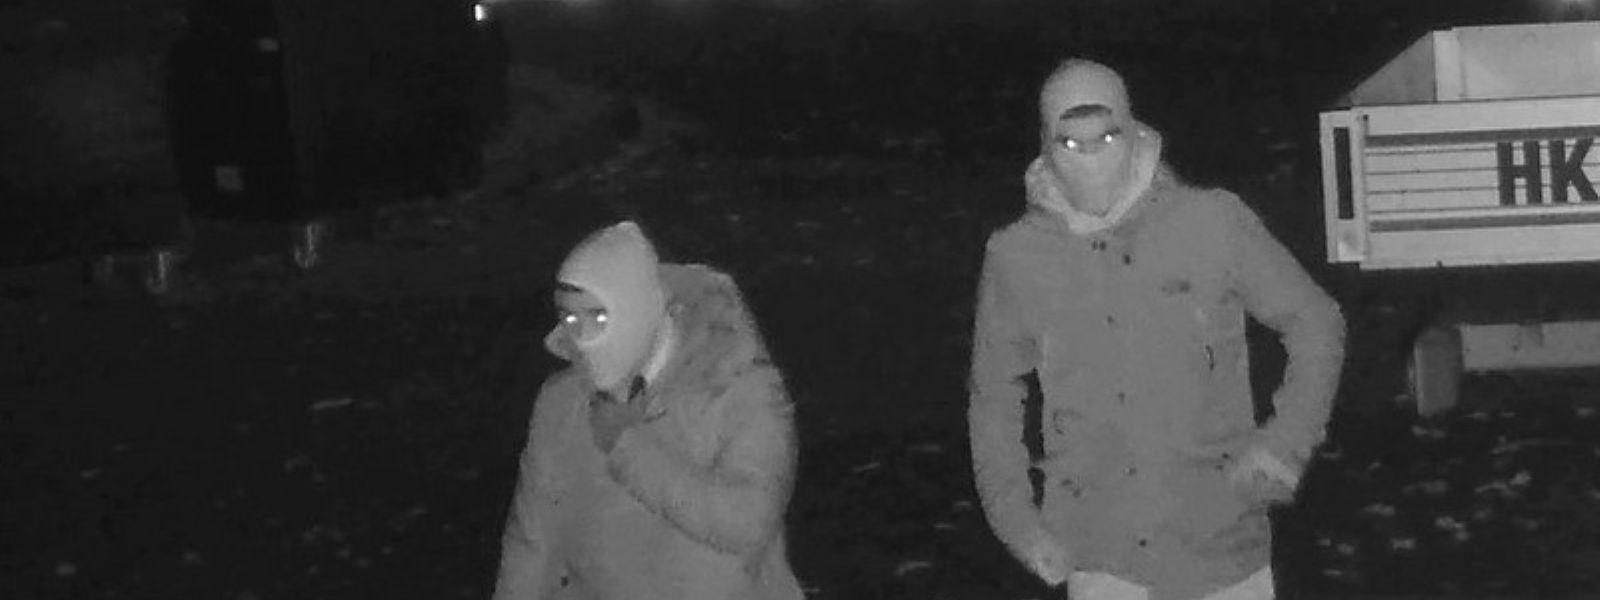 Die beiden Verdächtigen in der Nacht zum Dienstag.